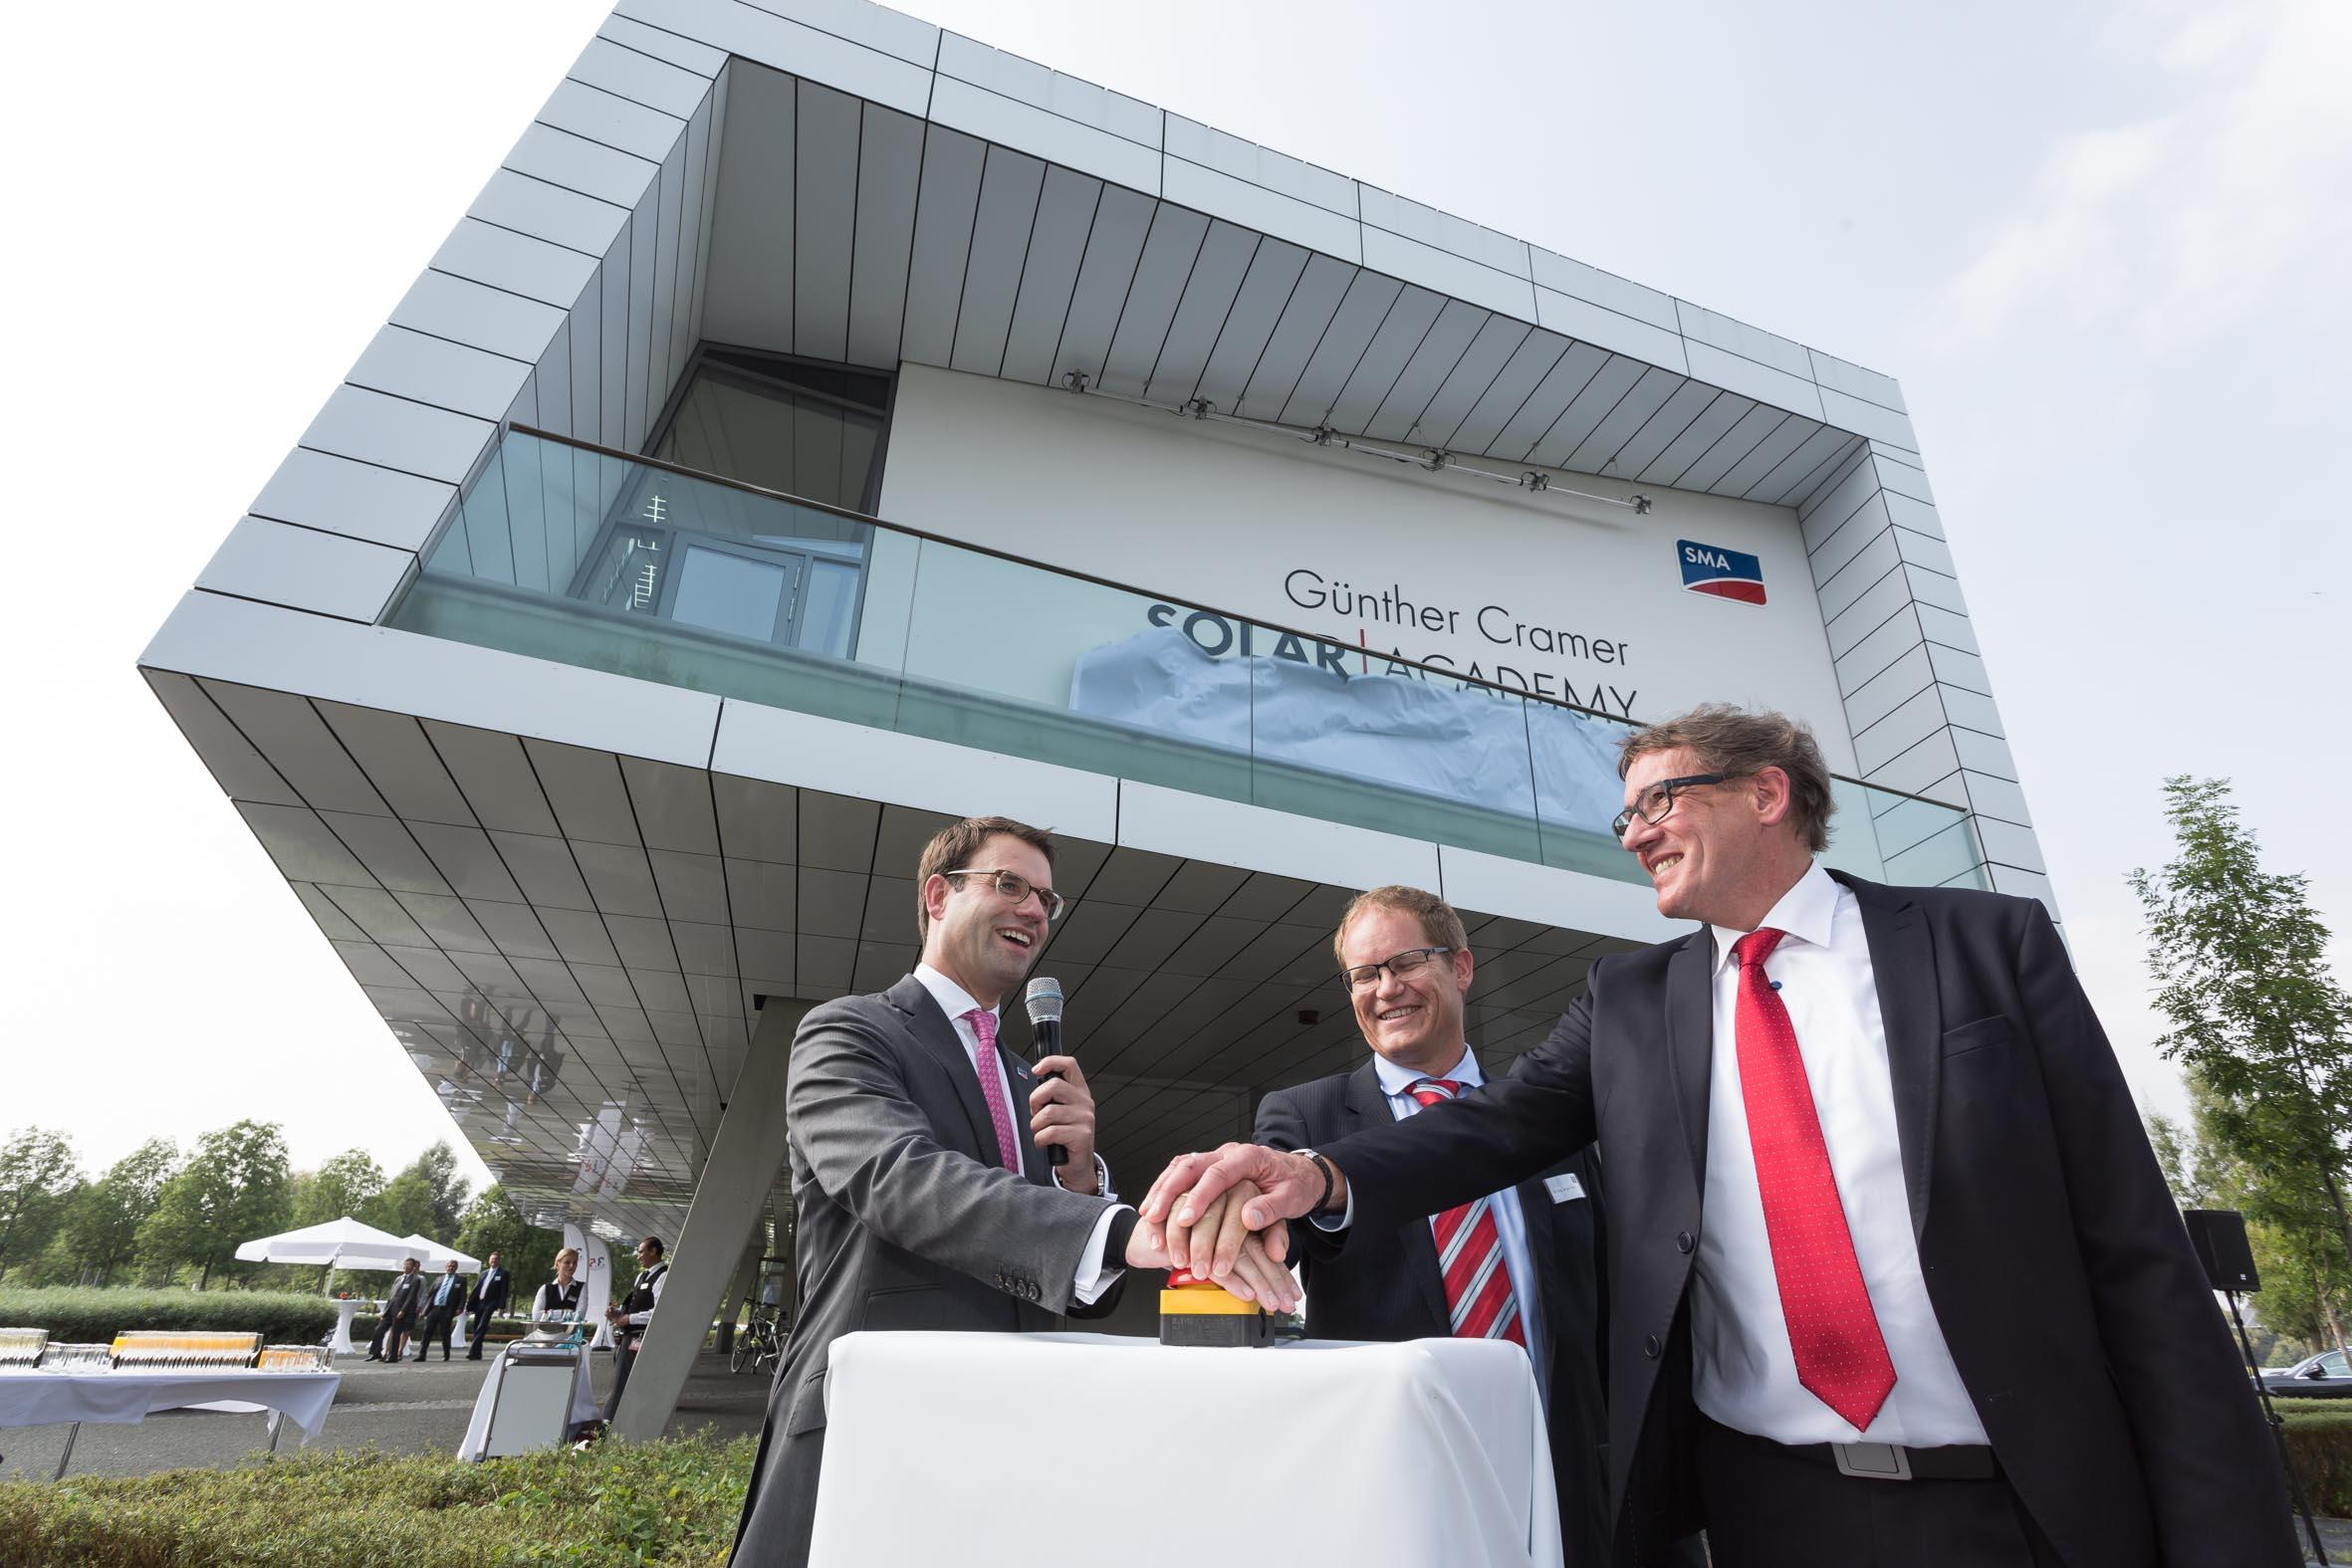 Der Vorhang fällt: Anlässlich des Firmenjubiläums wurde die SMA Solar Academy zu Ehren von Günther Cramer umbenannt in Günther Cramer Solar Academy.